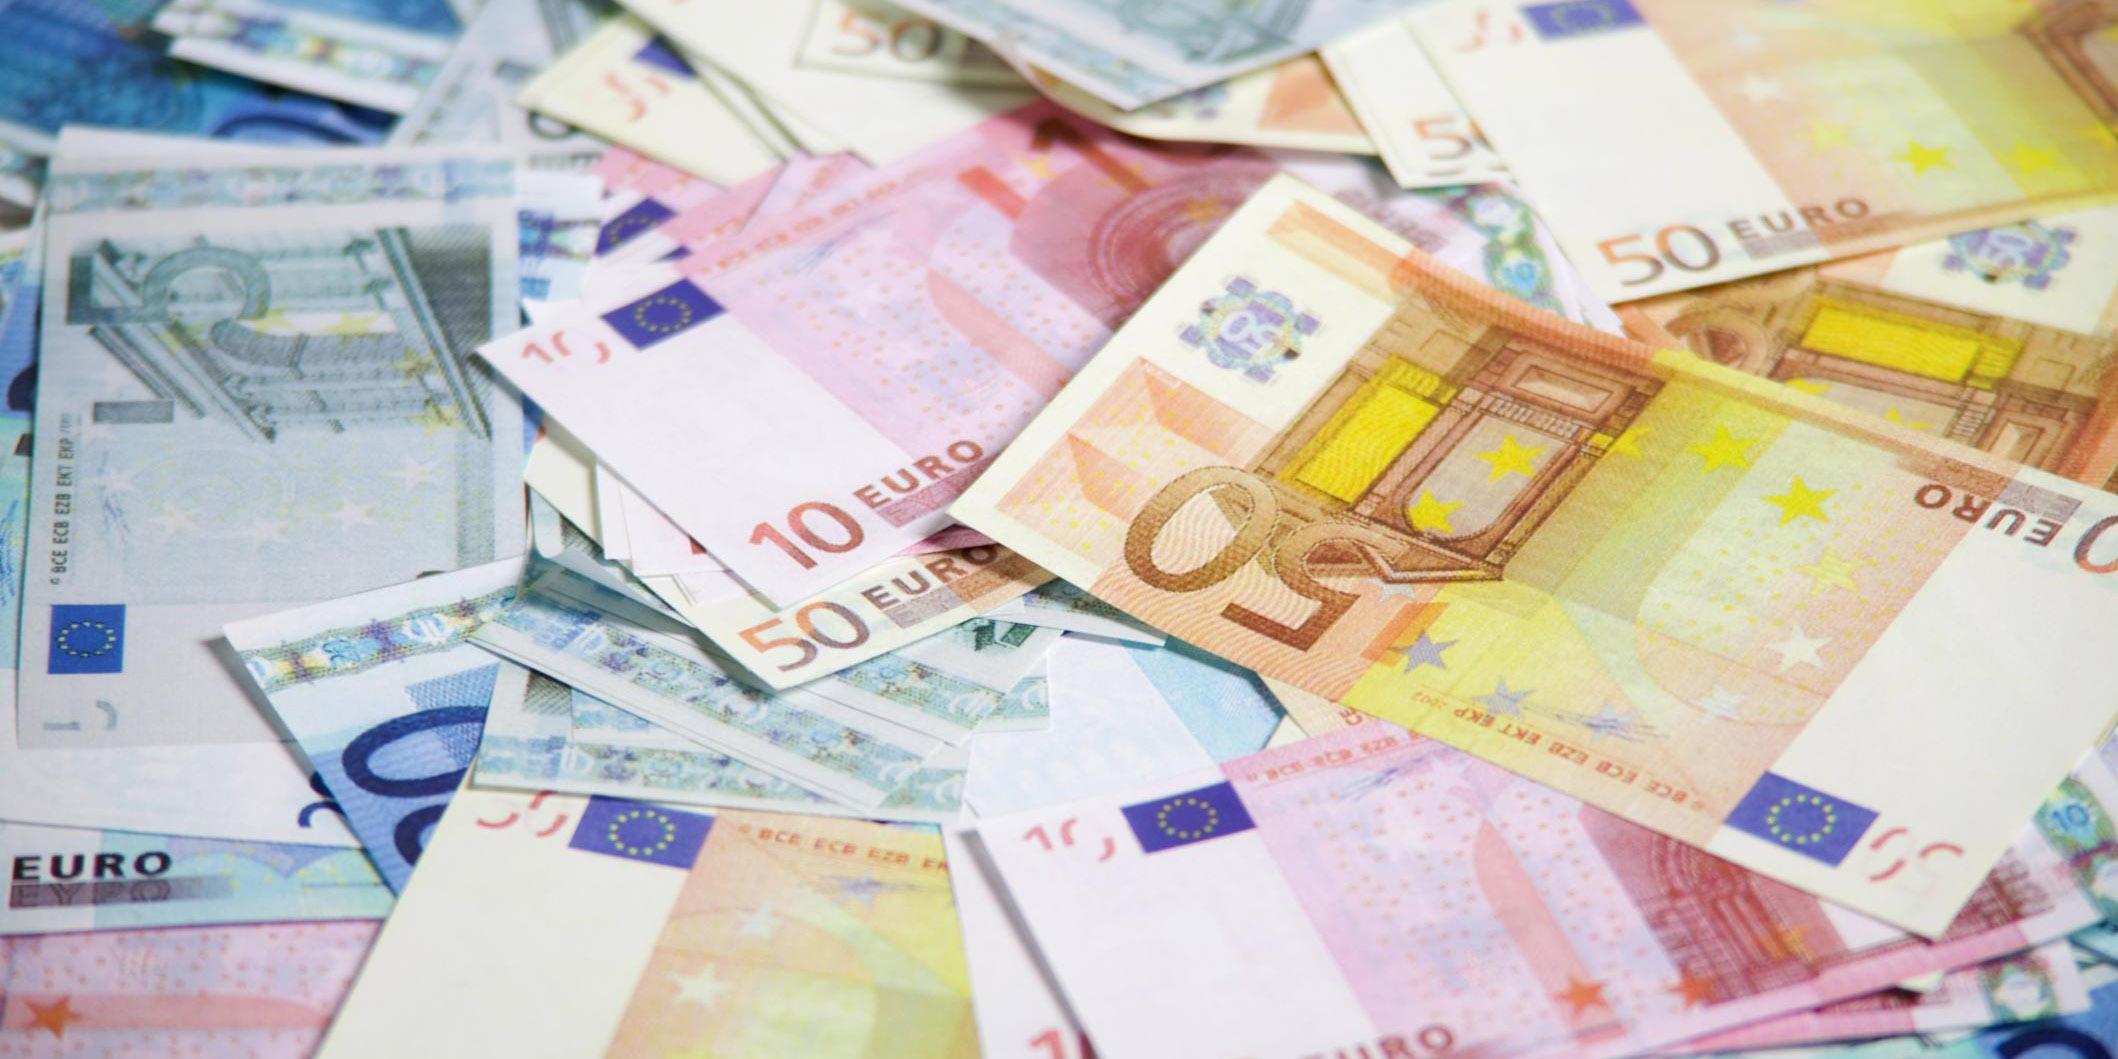 مداخلات بانک مرکزی و مساله شفافیت